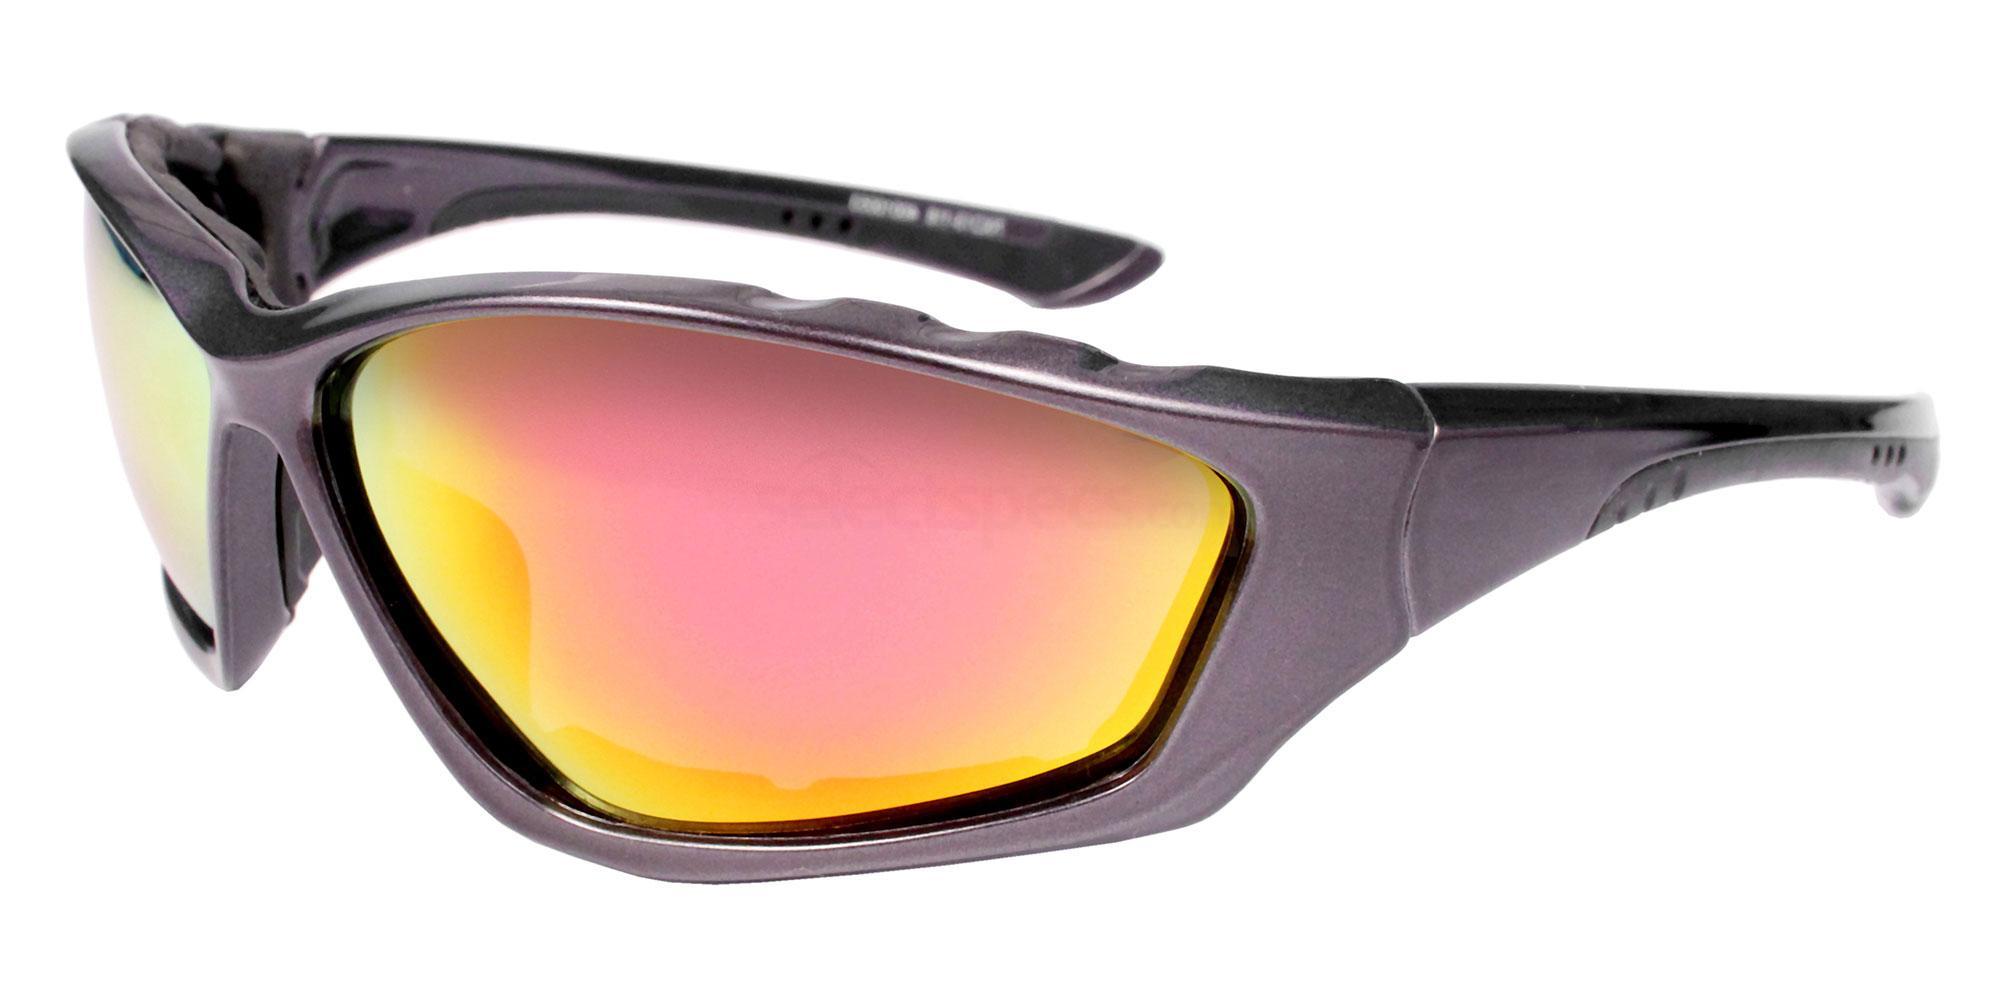 DST03-1P DST03 Sunglasses, Dunlop Sport